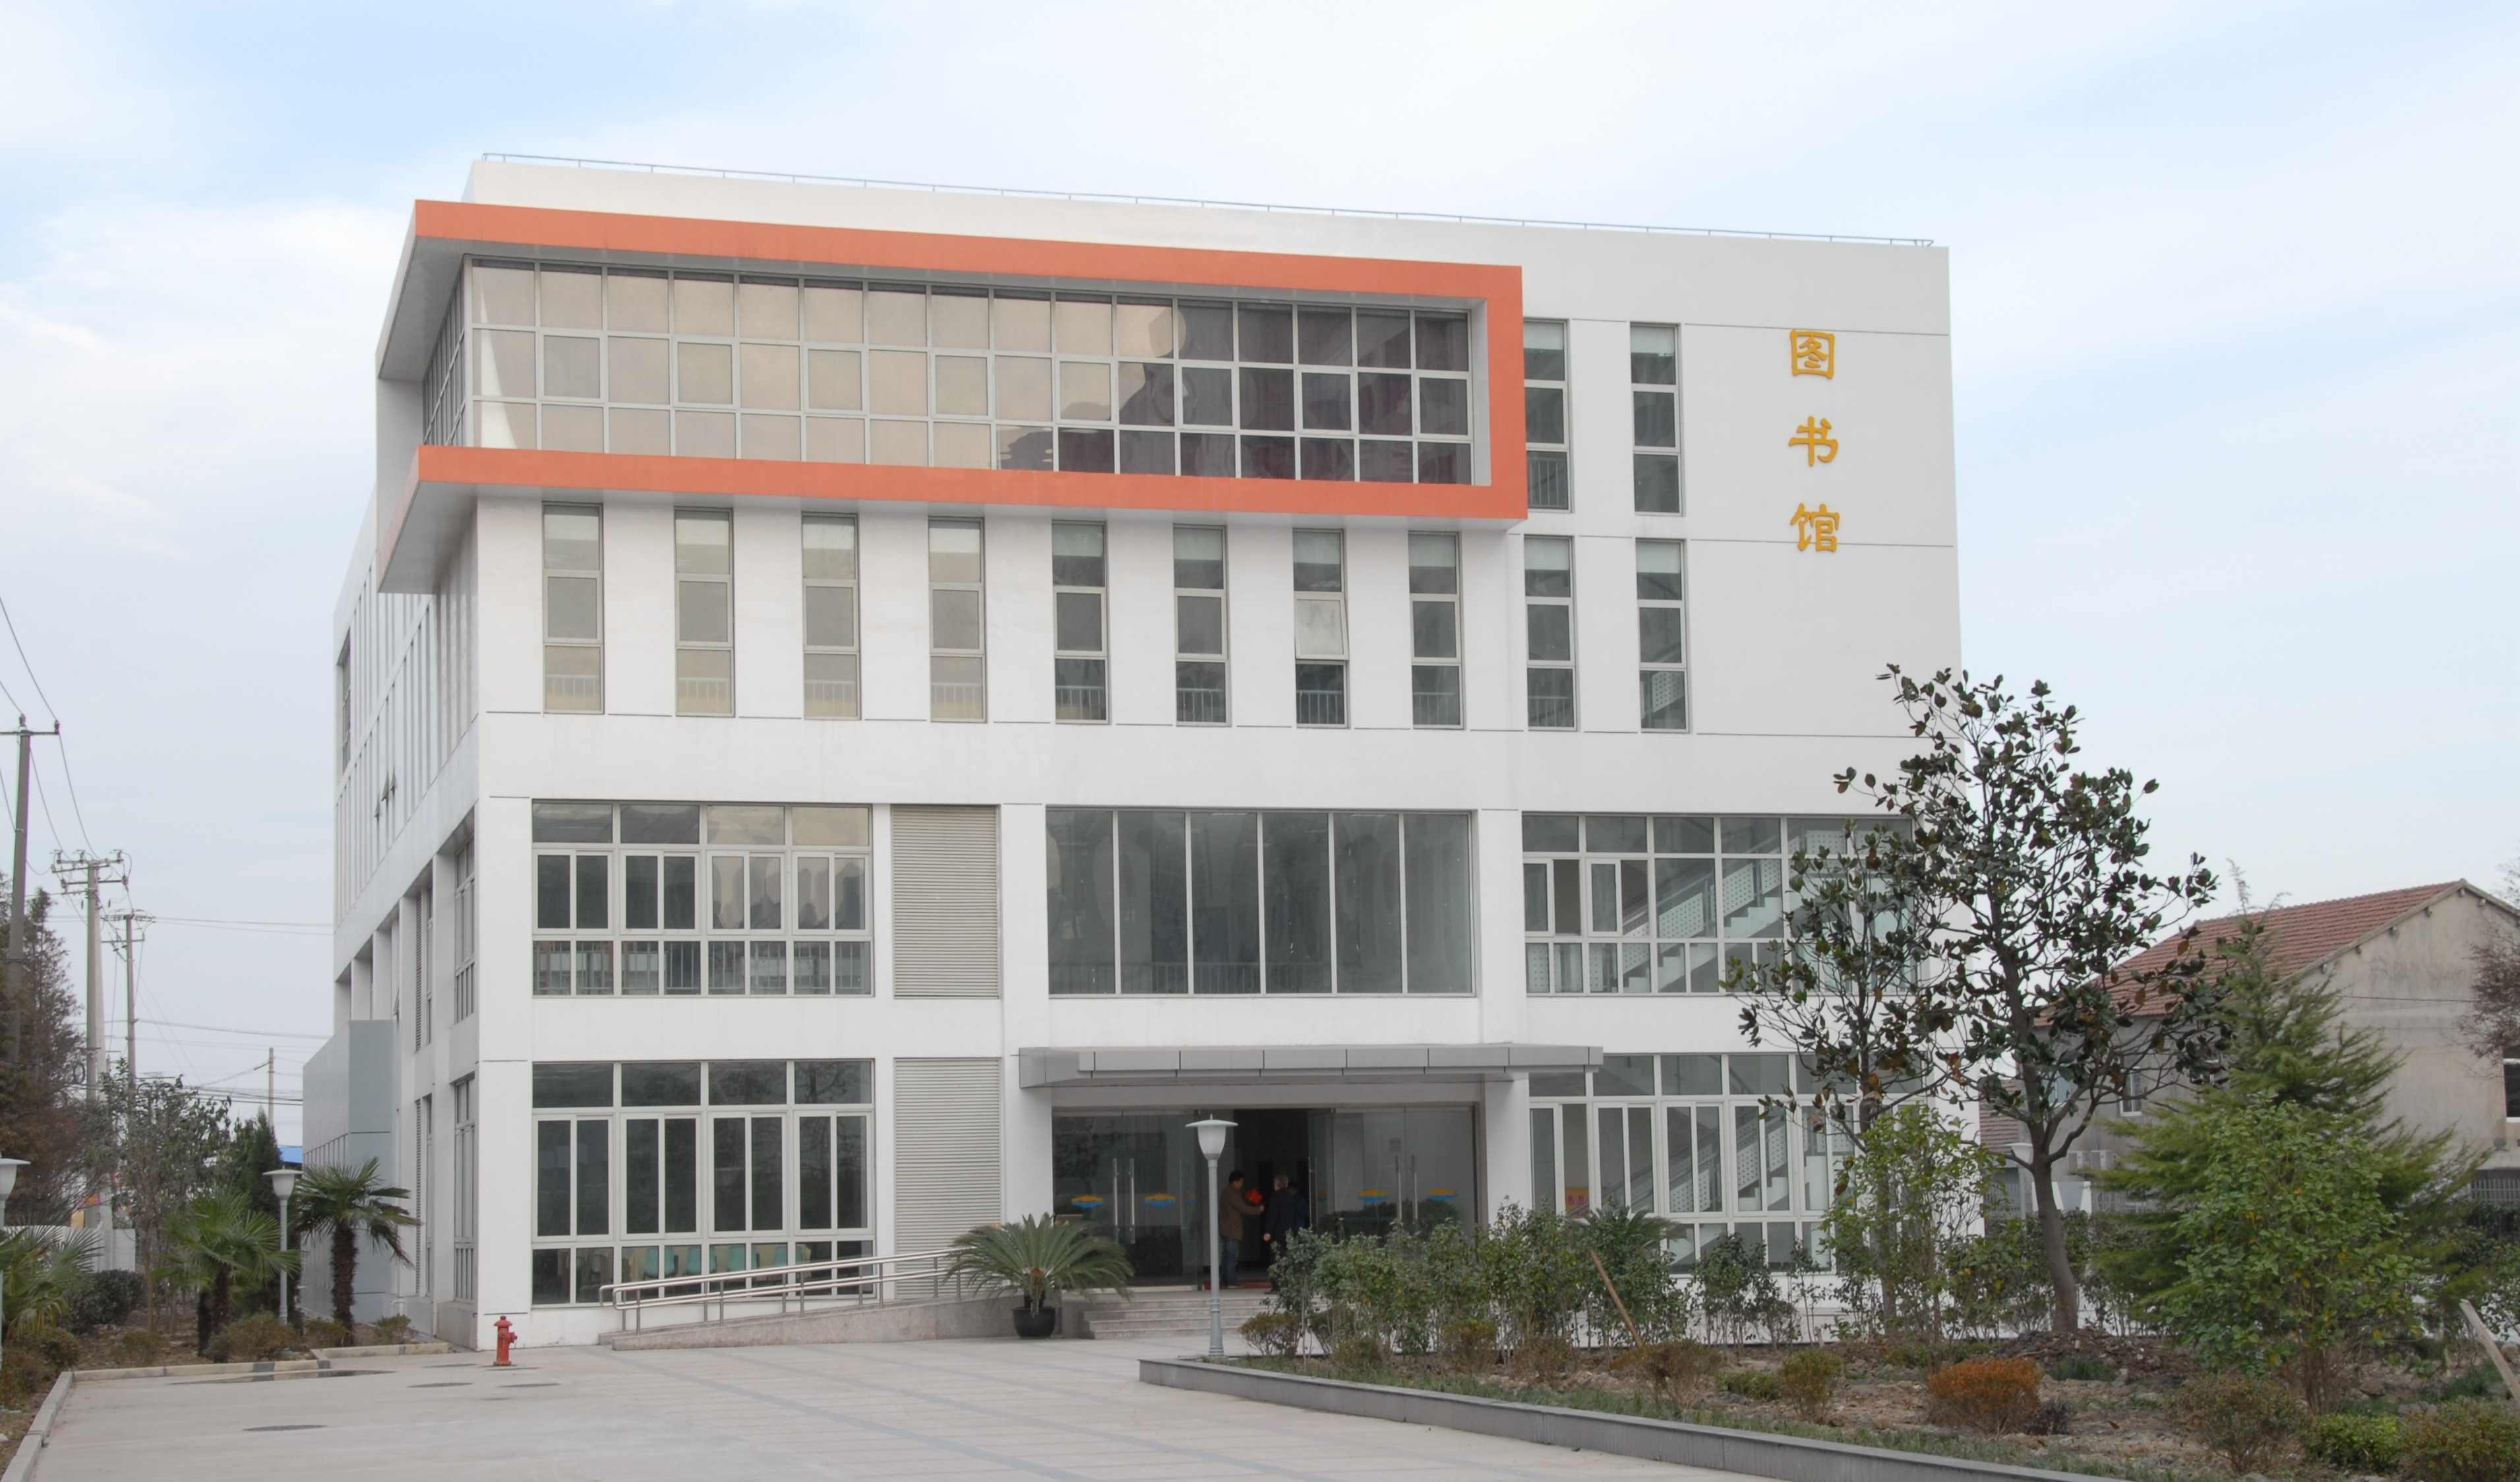 上海民远职业技术学院图册